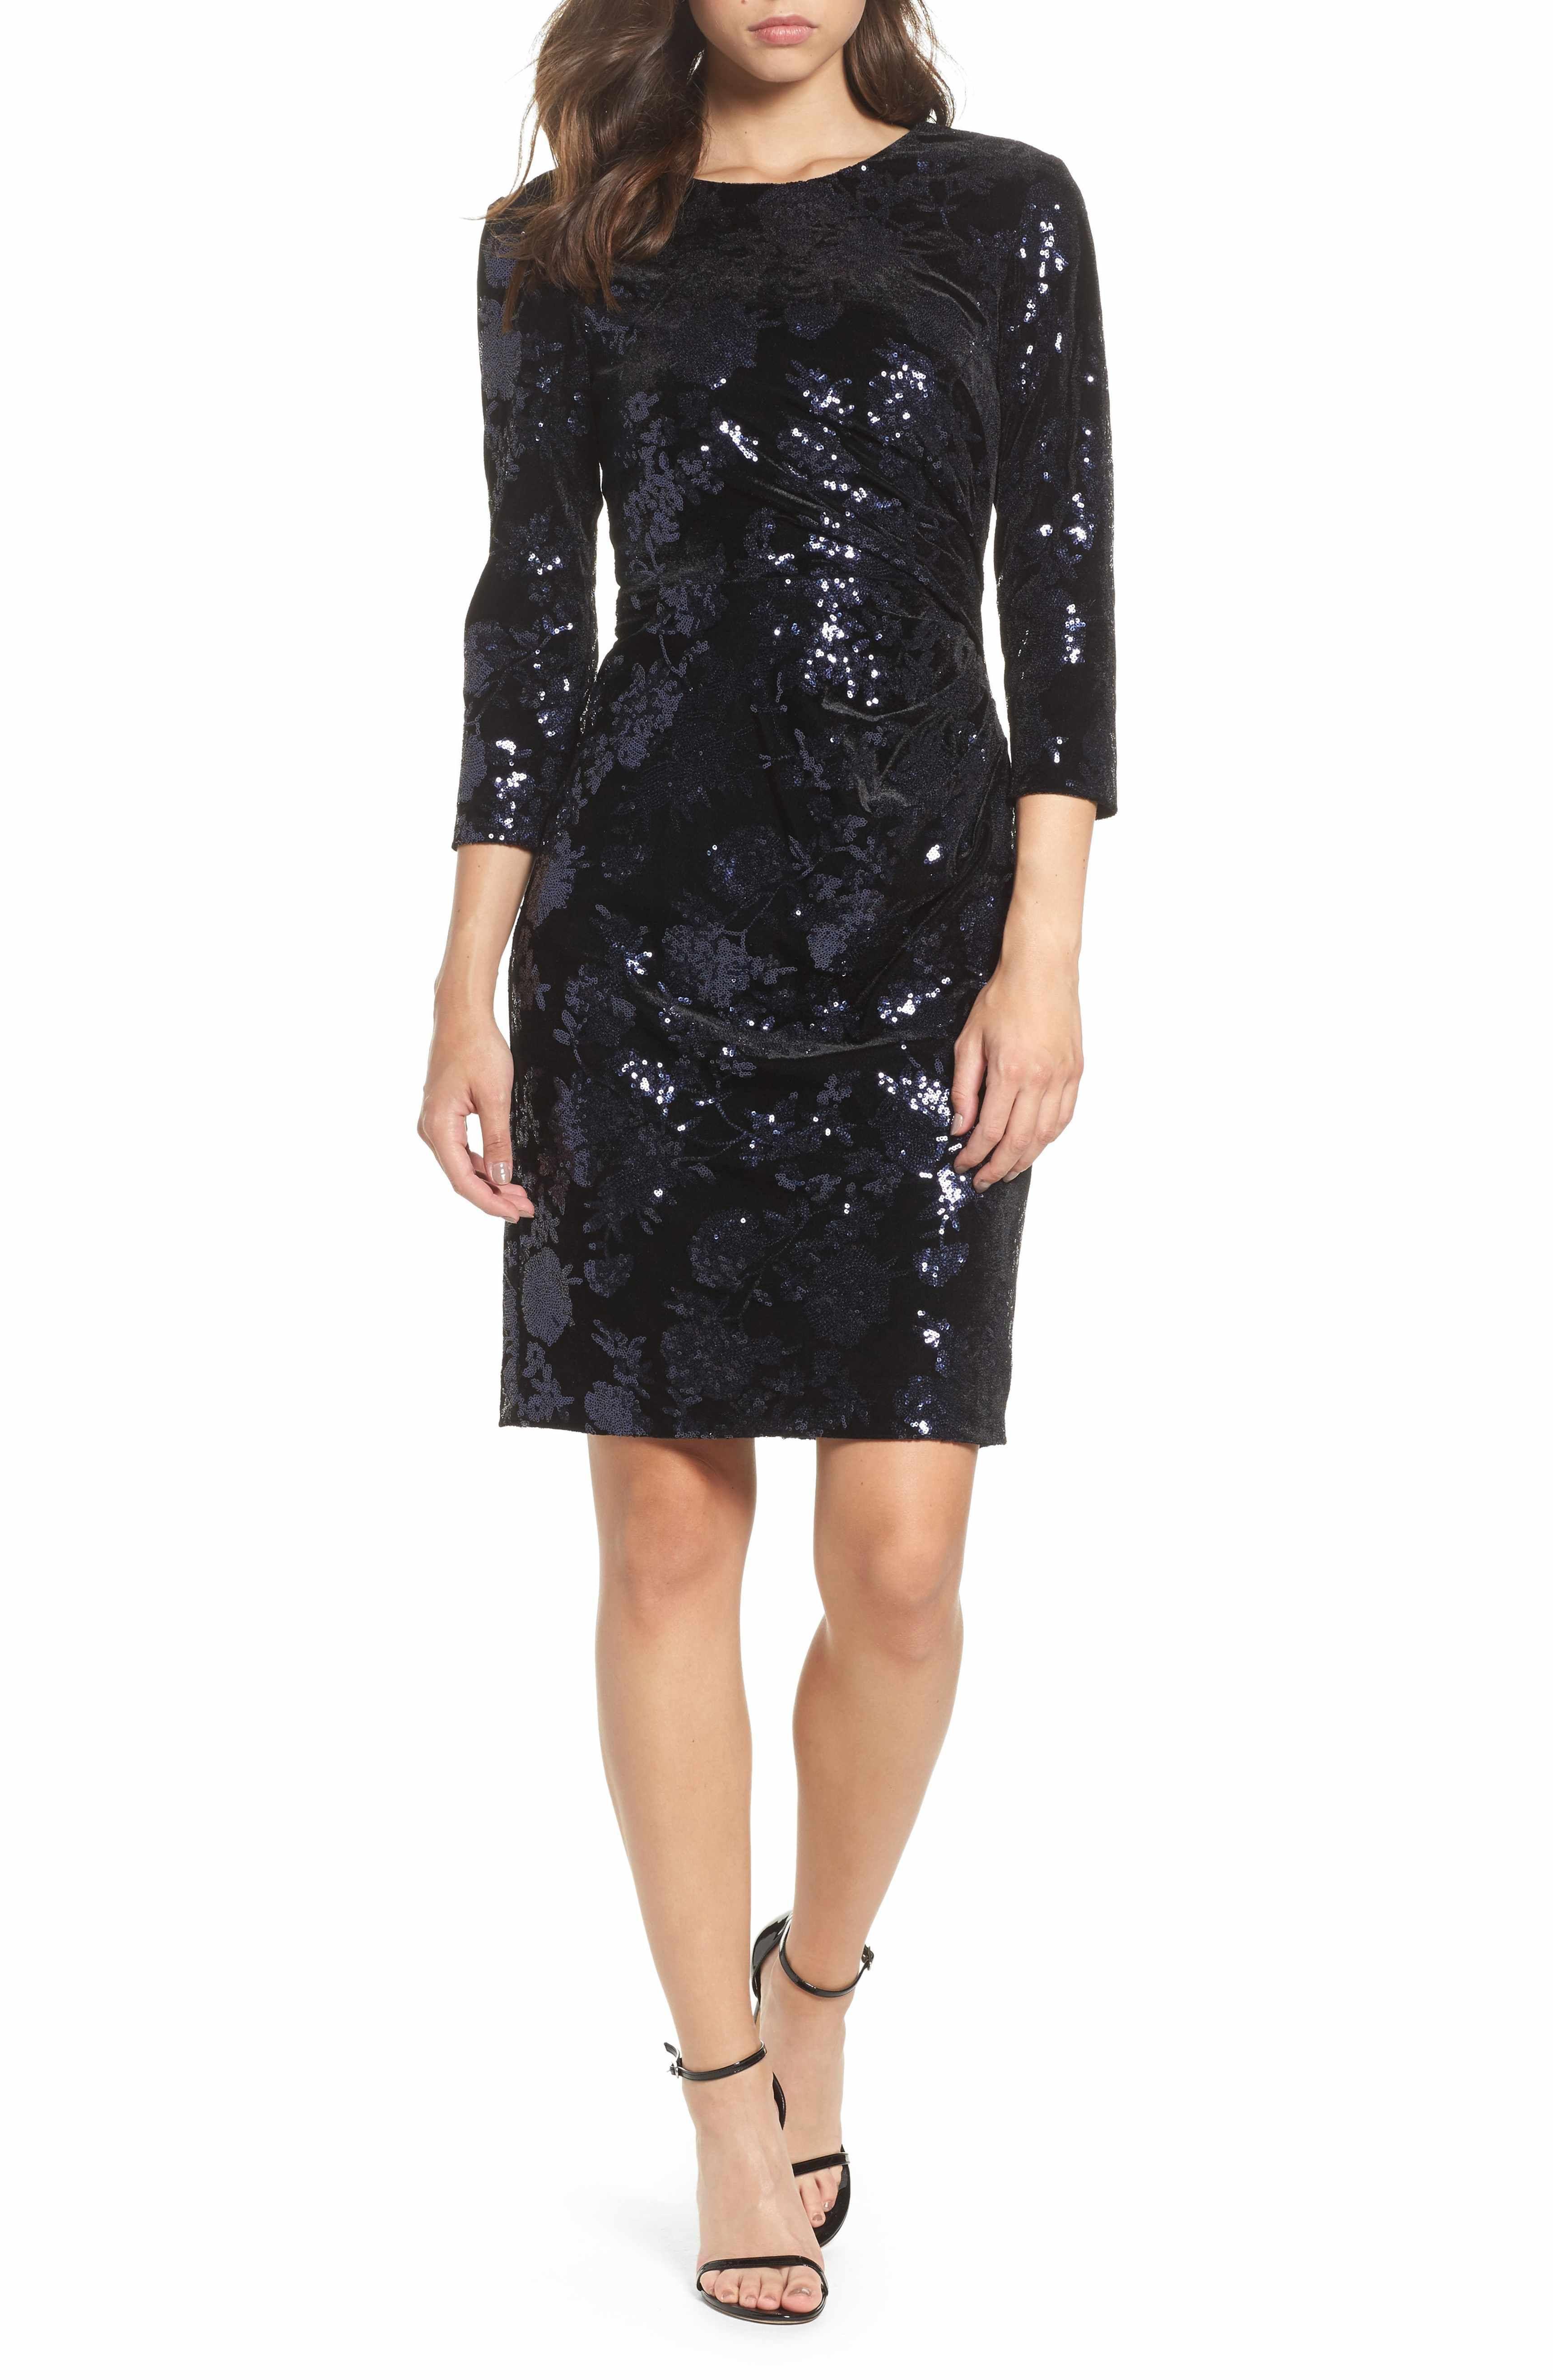 28++ Black sequin embellished dress ideas in 2021